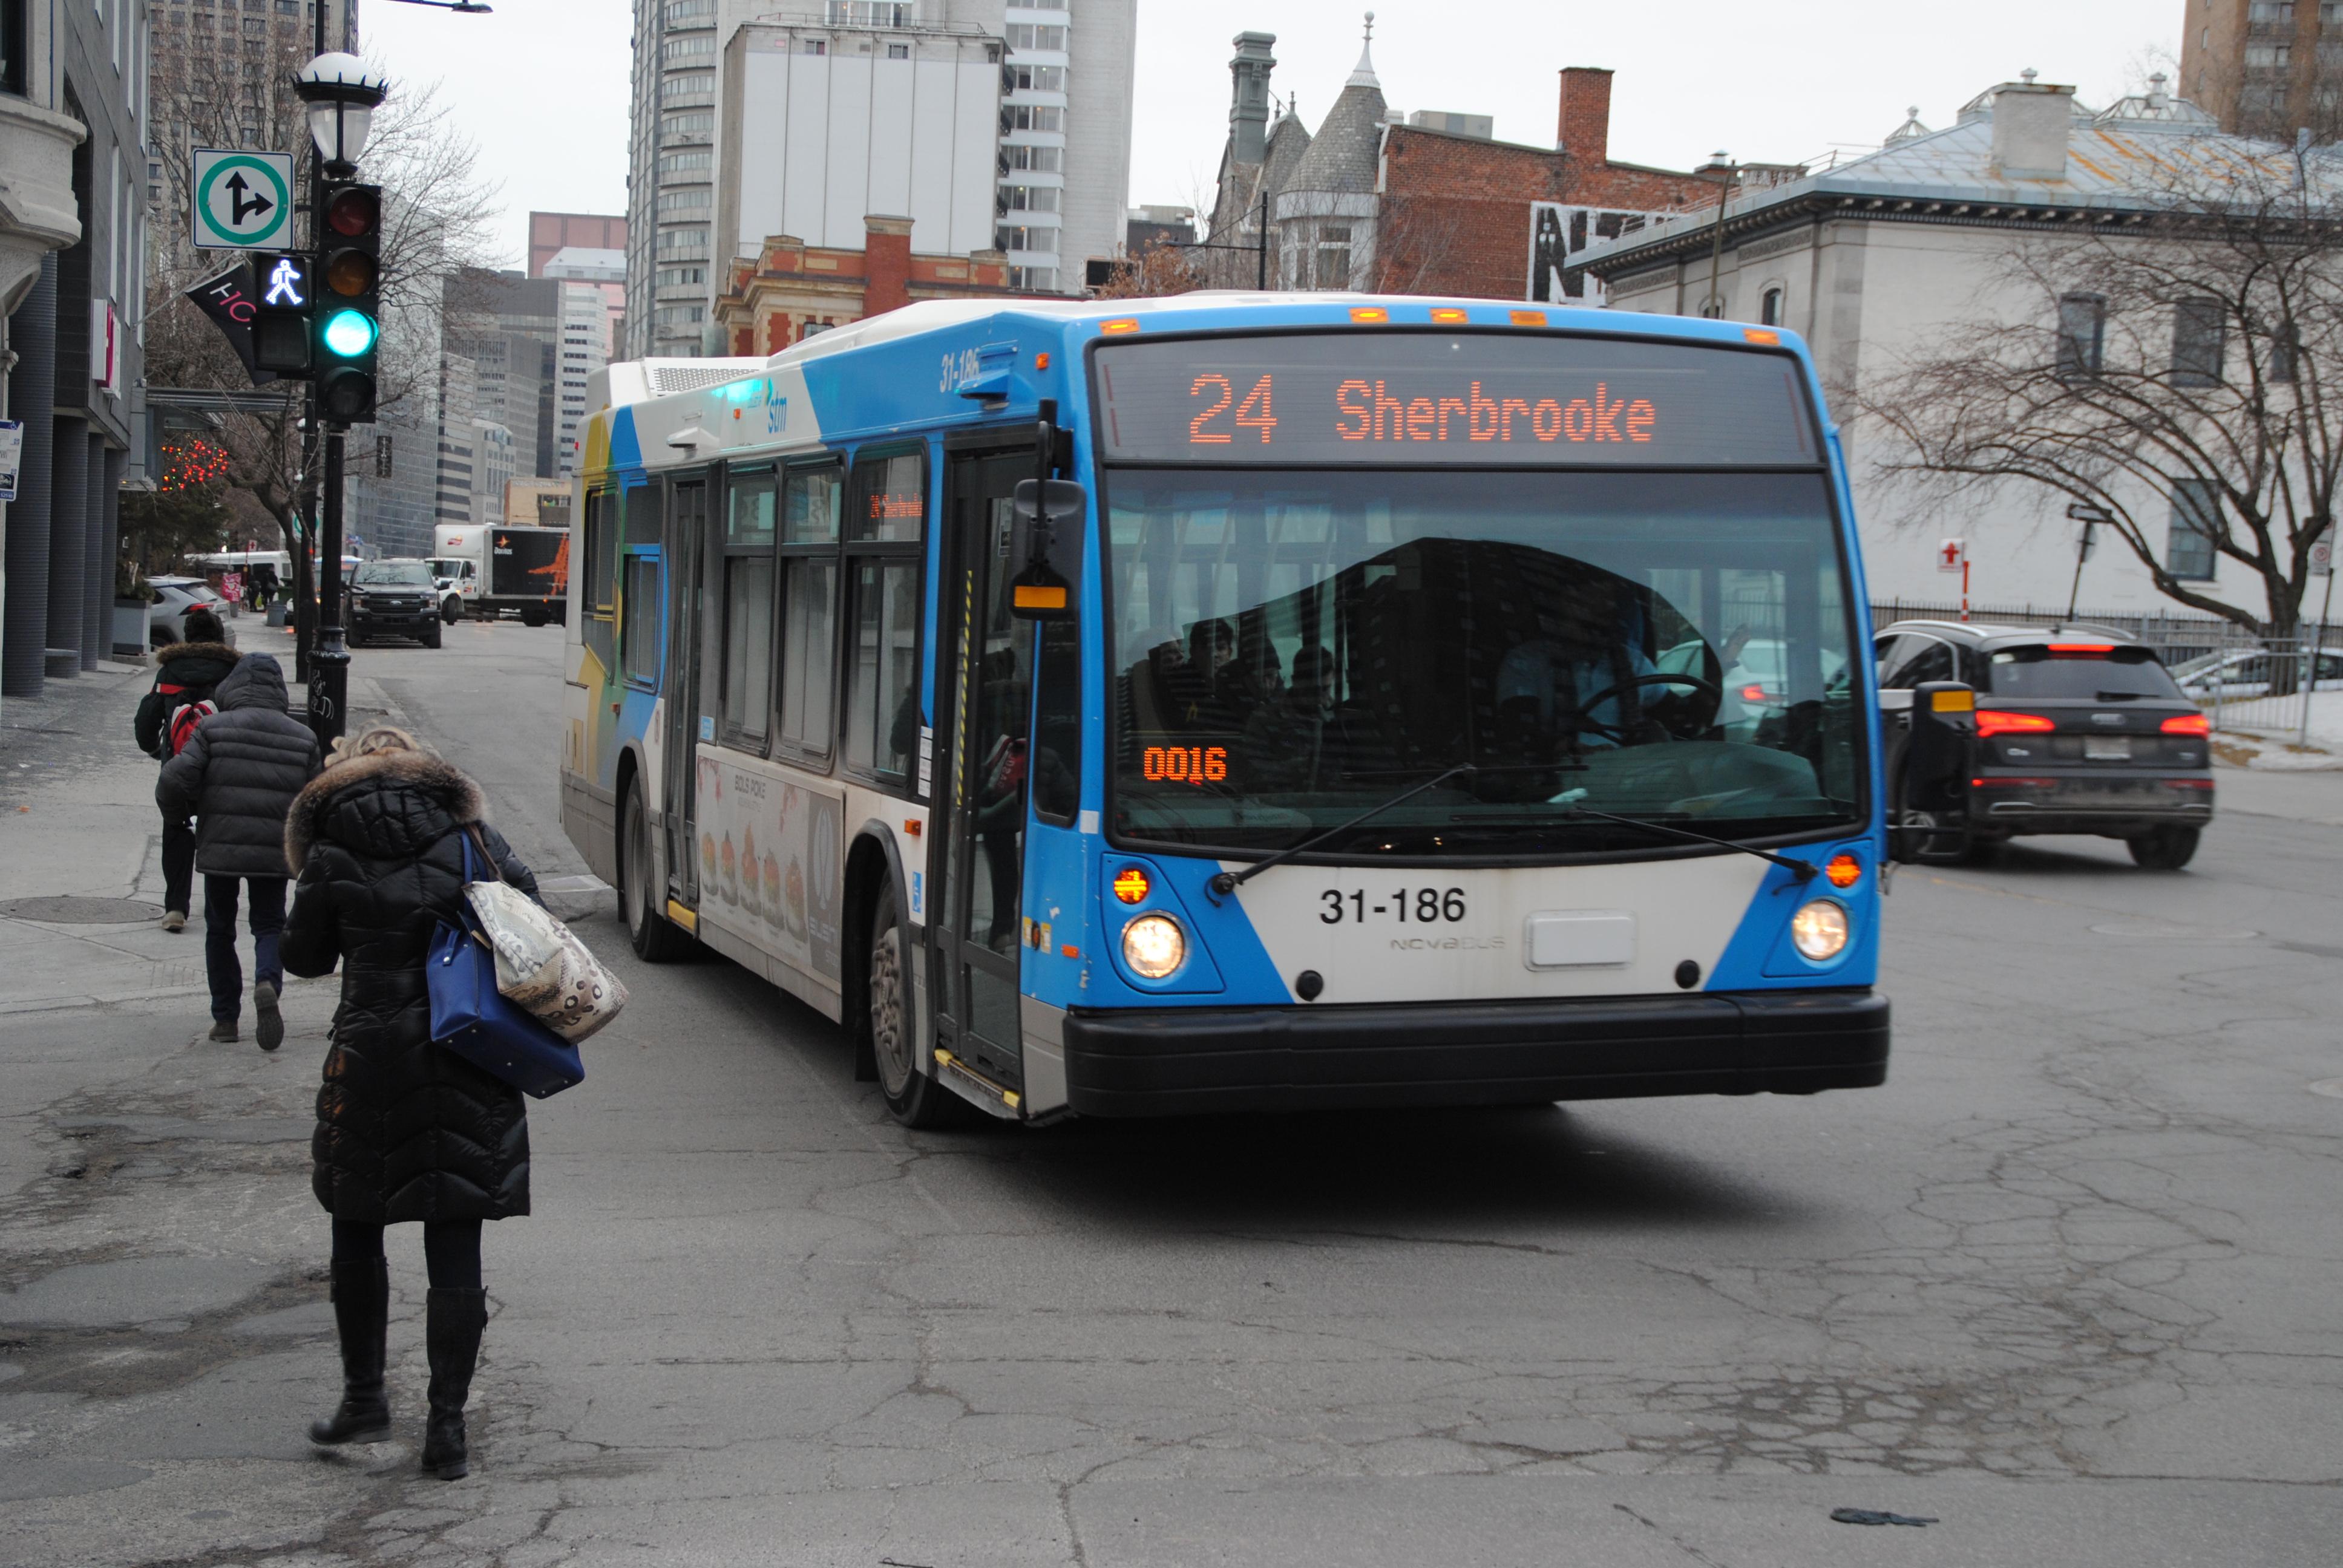 Bus montréal